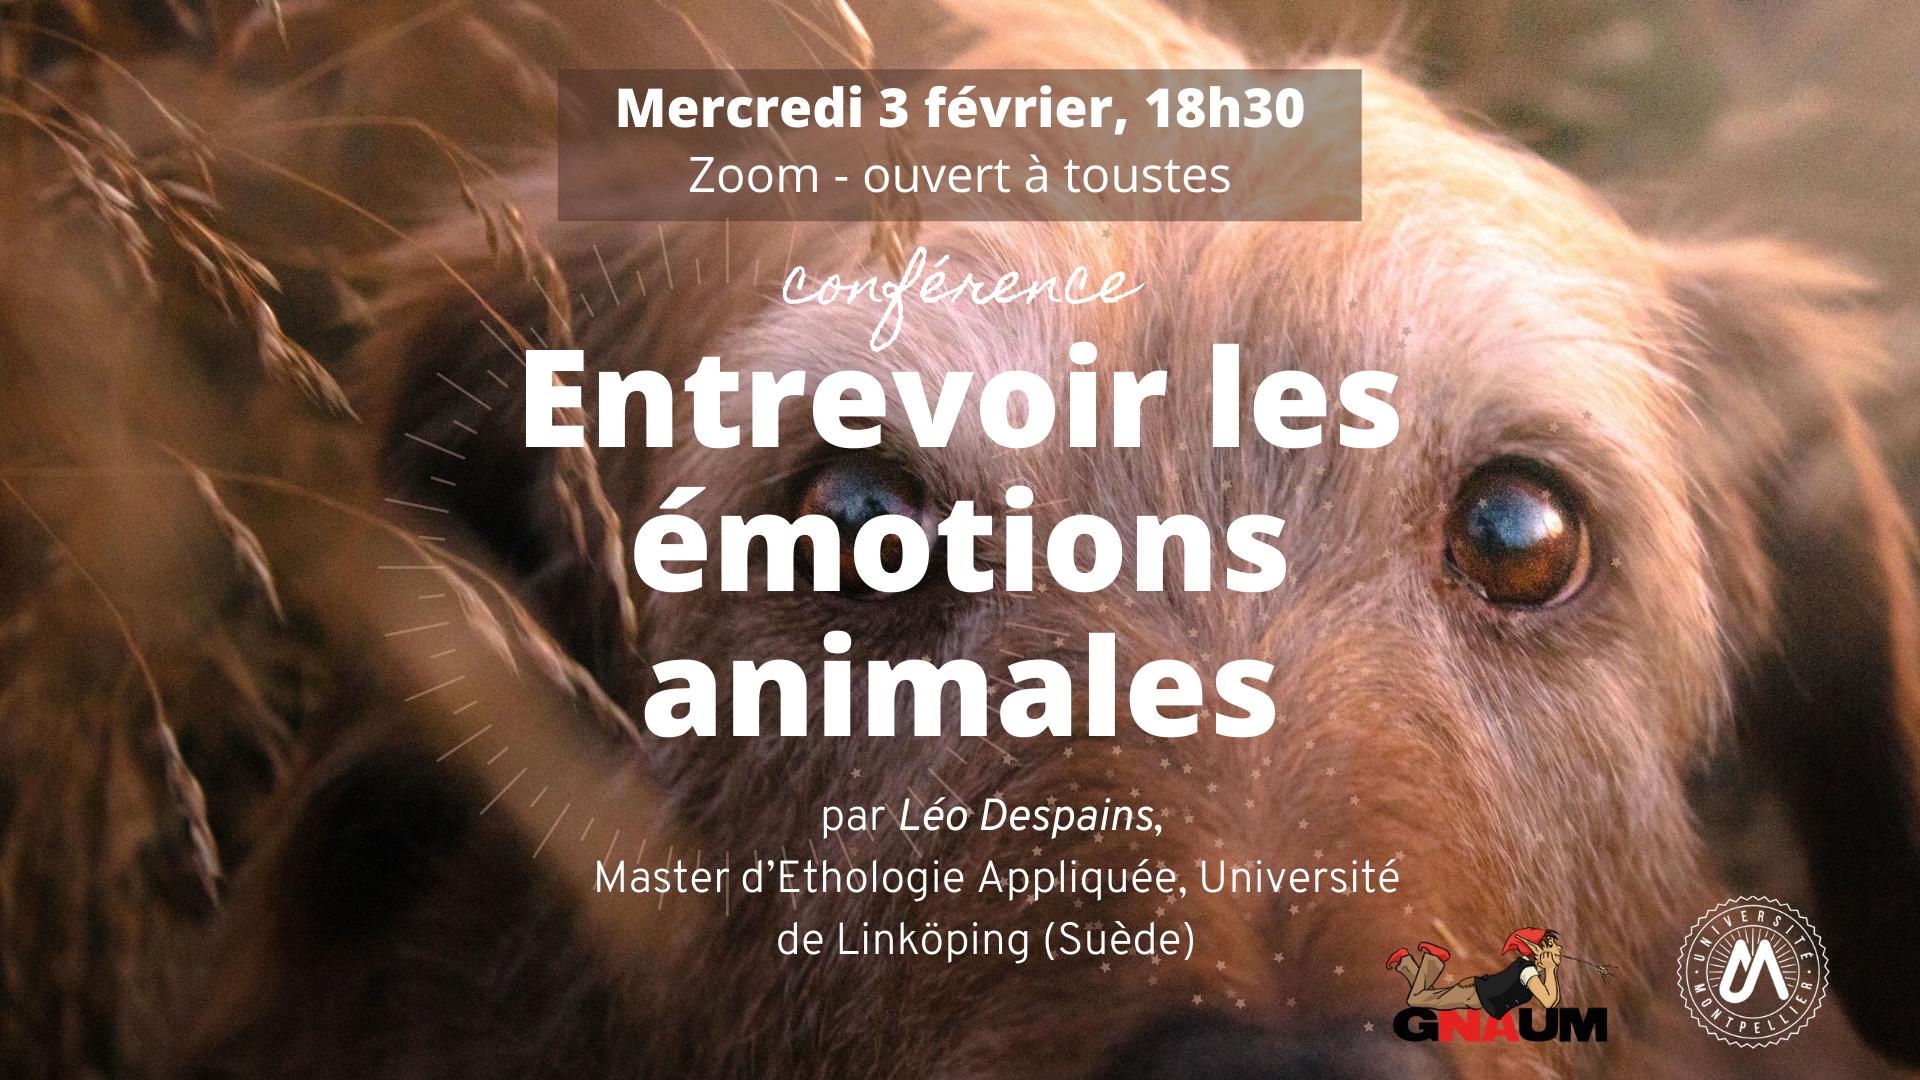 Conférence - Entrevoir les émotions animales